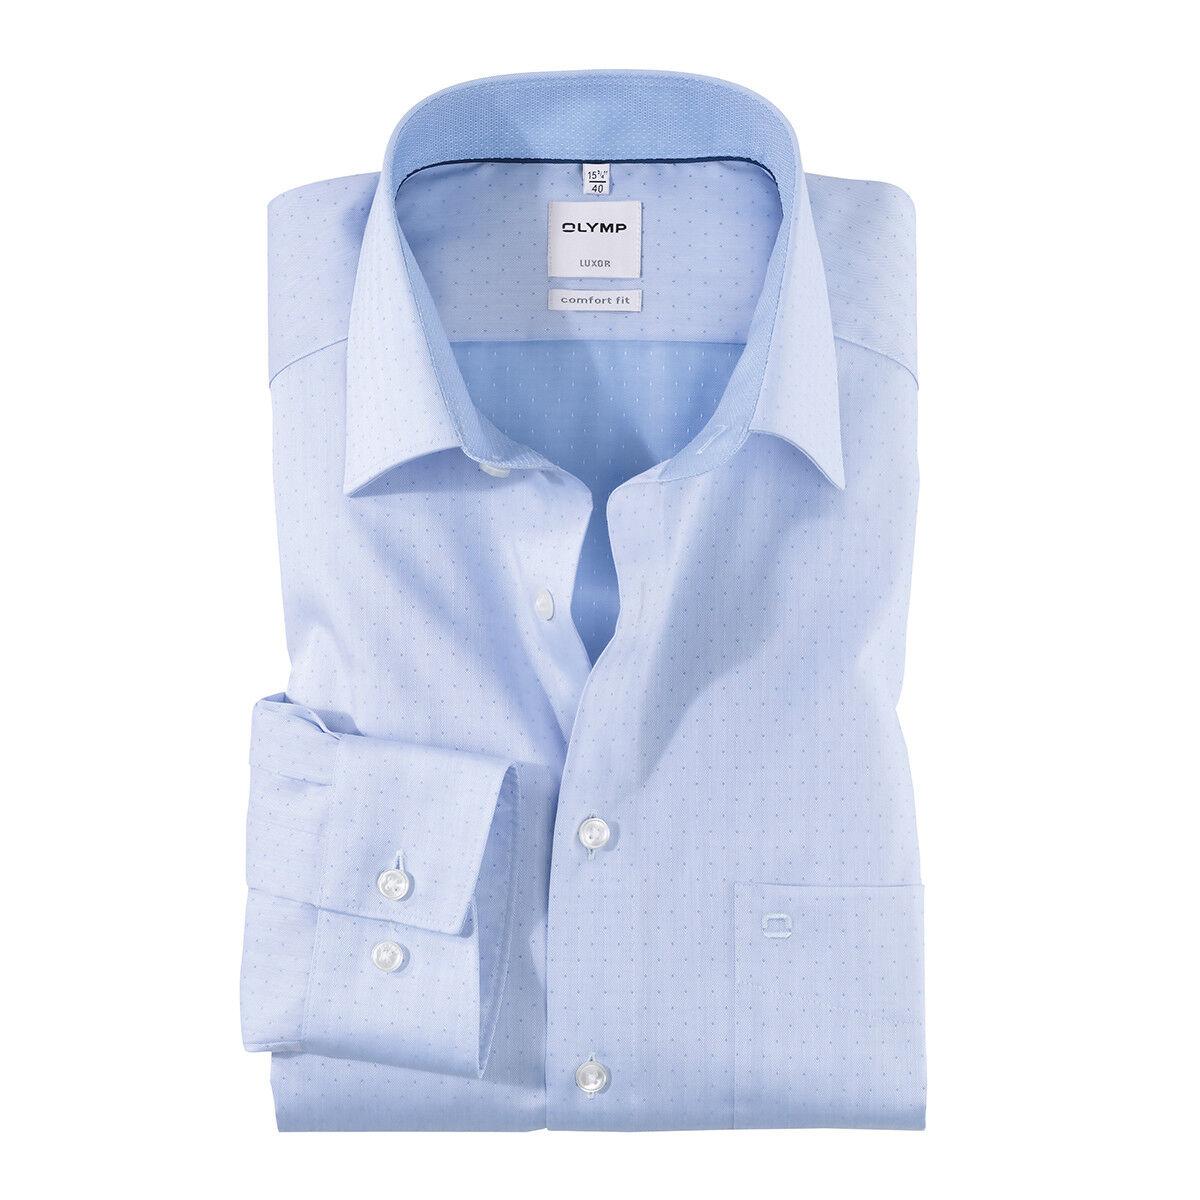 XXL Olymp Langarmhemd hellblau modische Details 44 46 48 50 NEU Übergröße